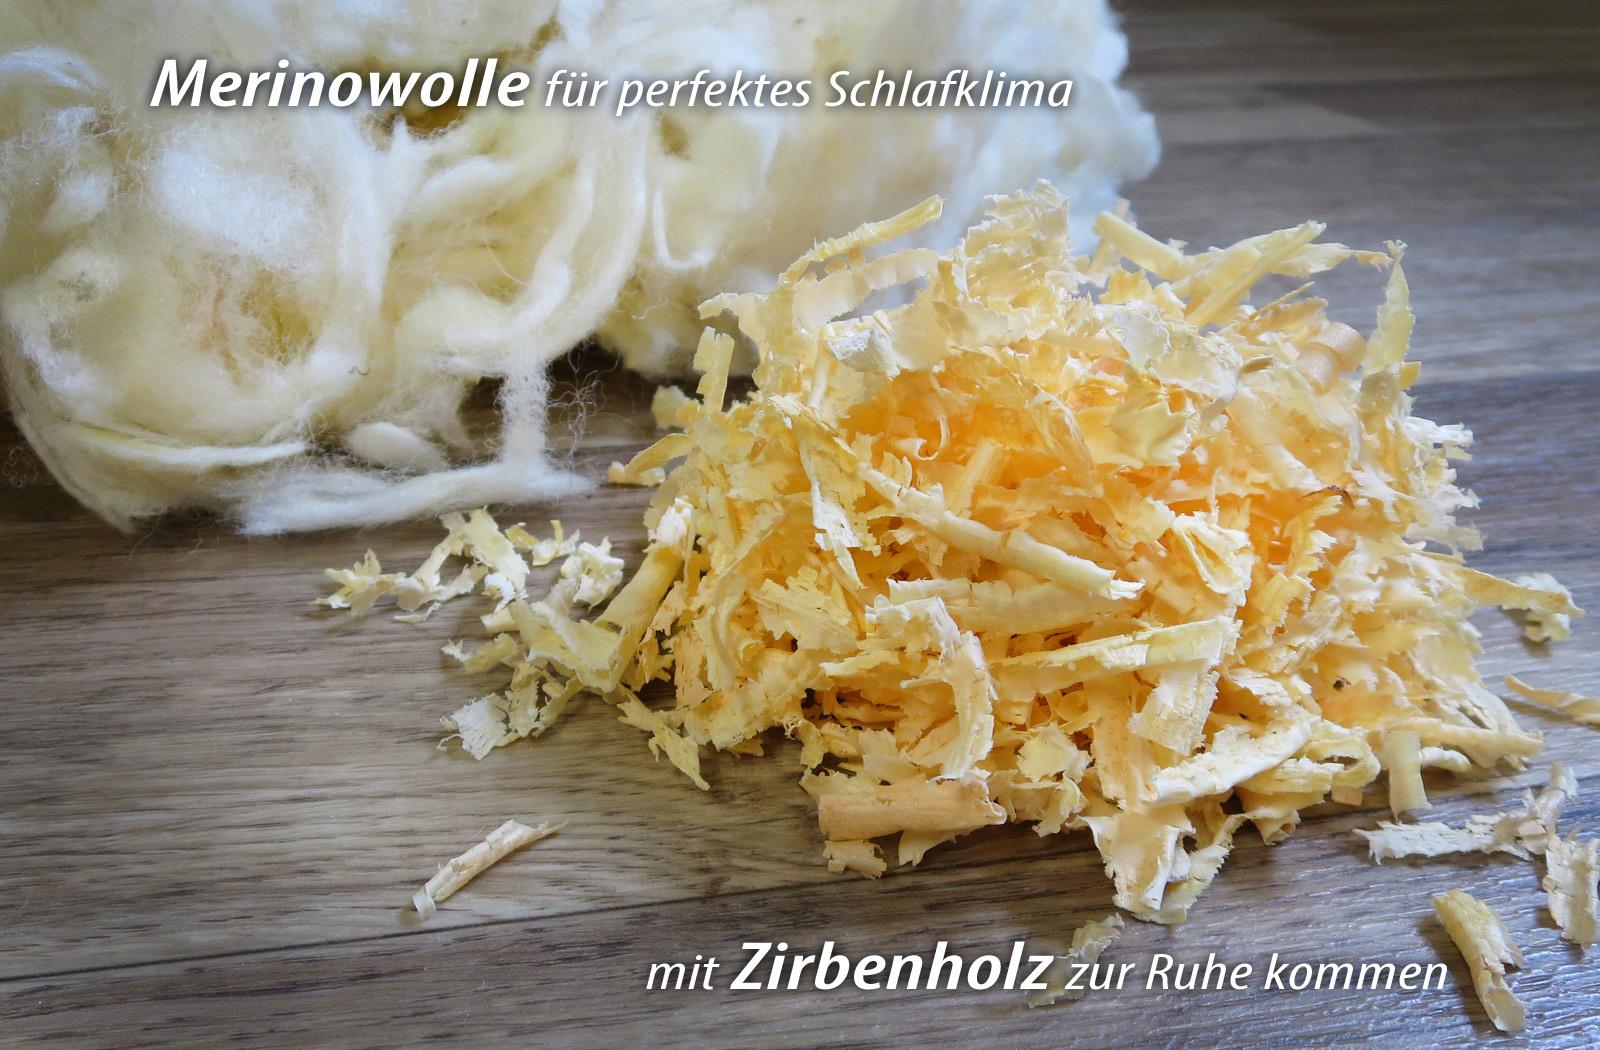 Kopfkissen mit Zirbenholz KBT Merino Schafschurwolle Kissen BIO KBA Baumwolle Zirbe – Bild 4